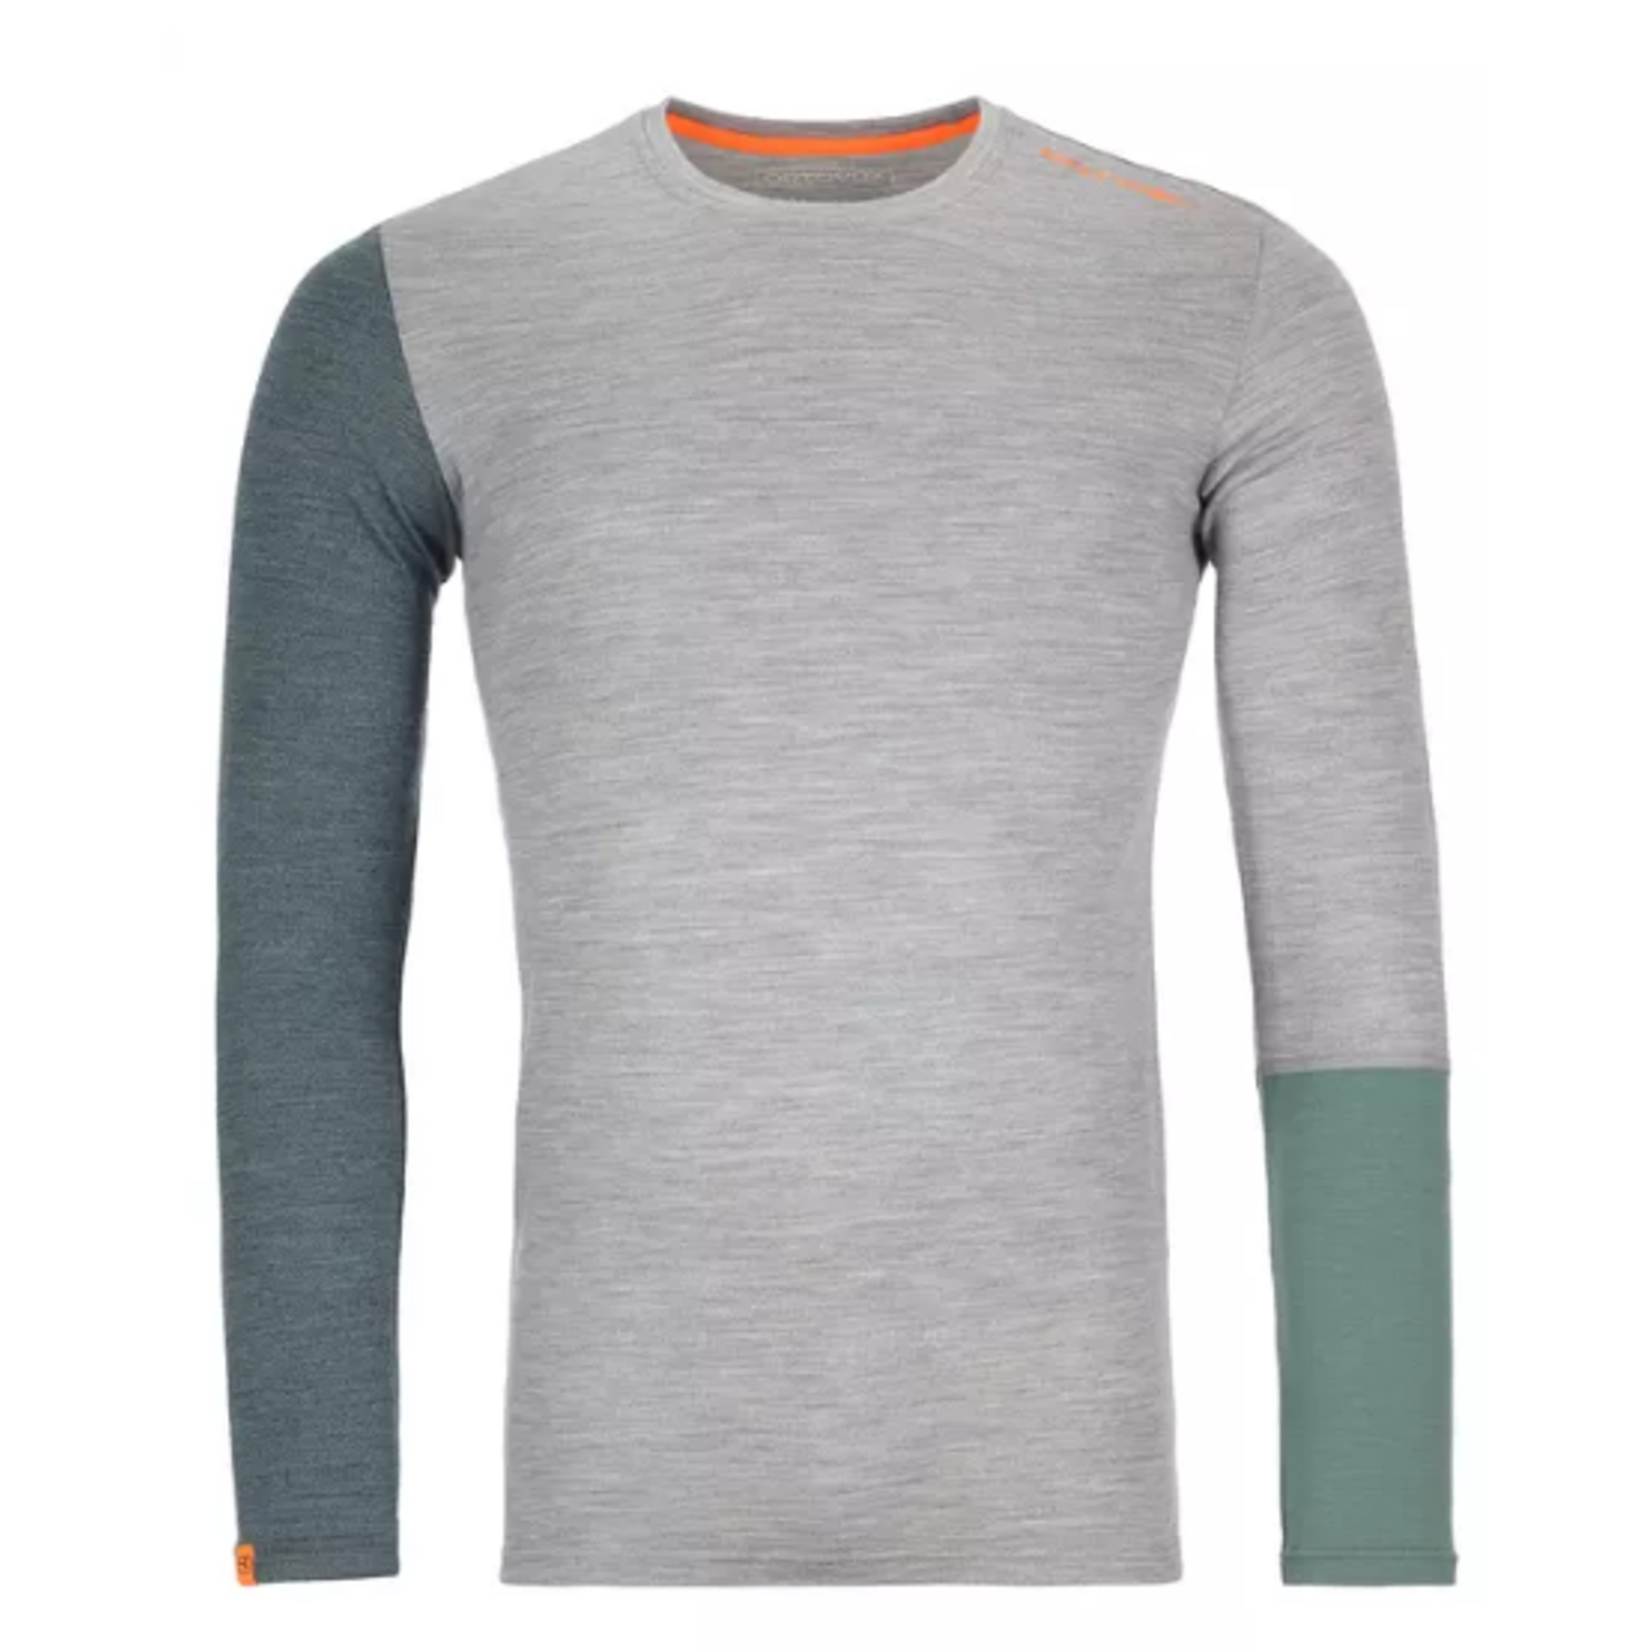 Ortovox 185 Rock'N'Wool Long Sleeve Men